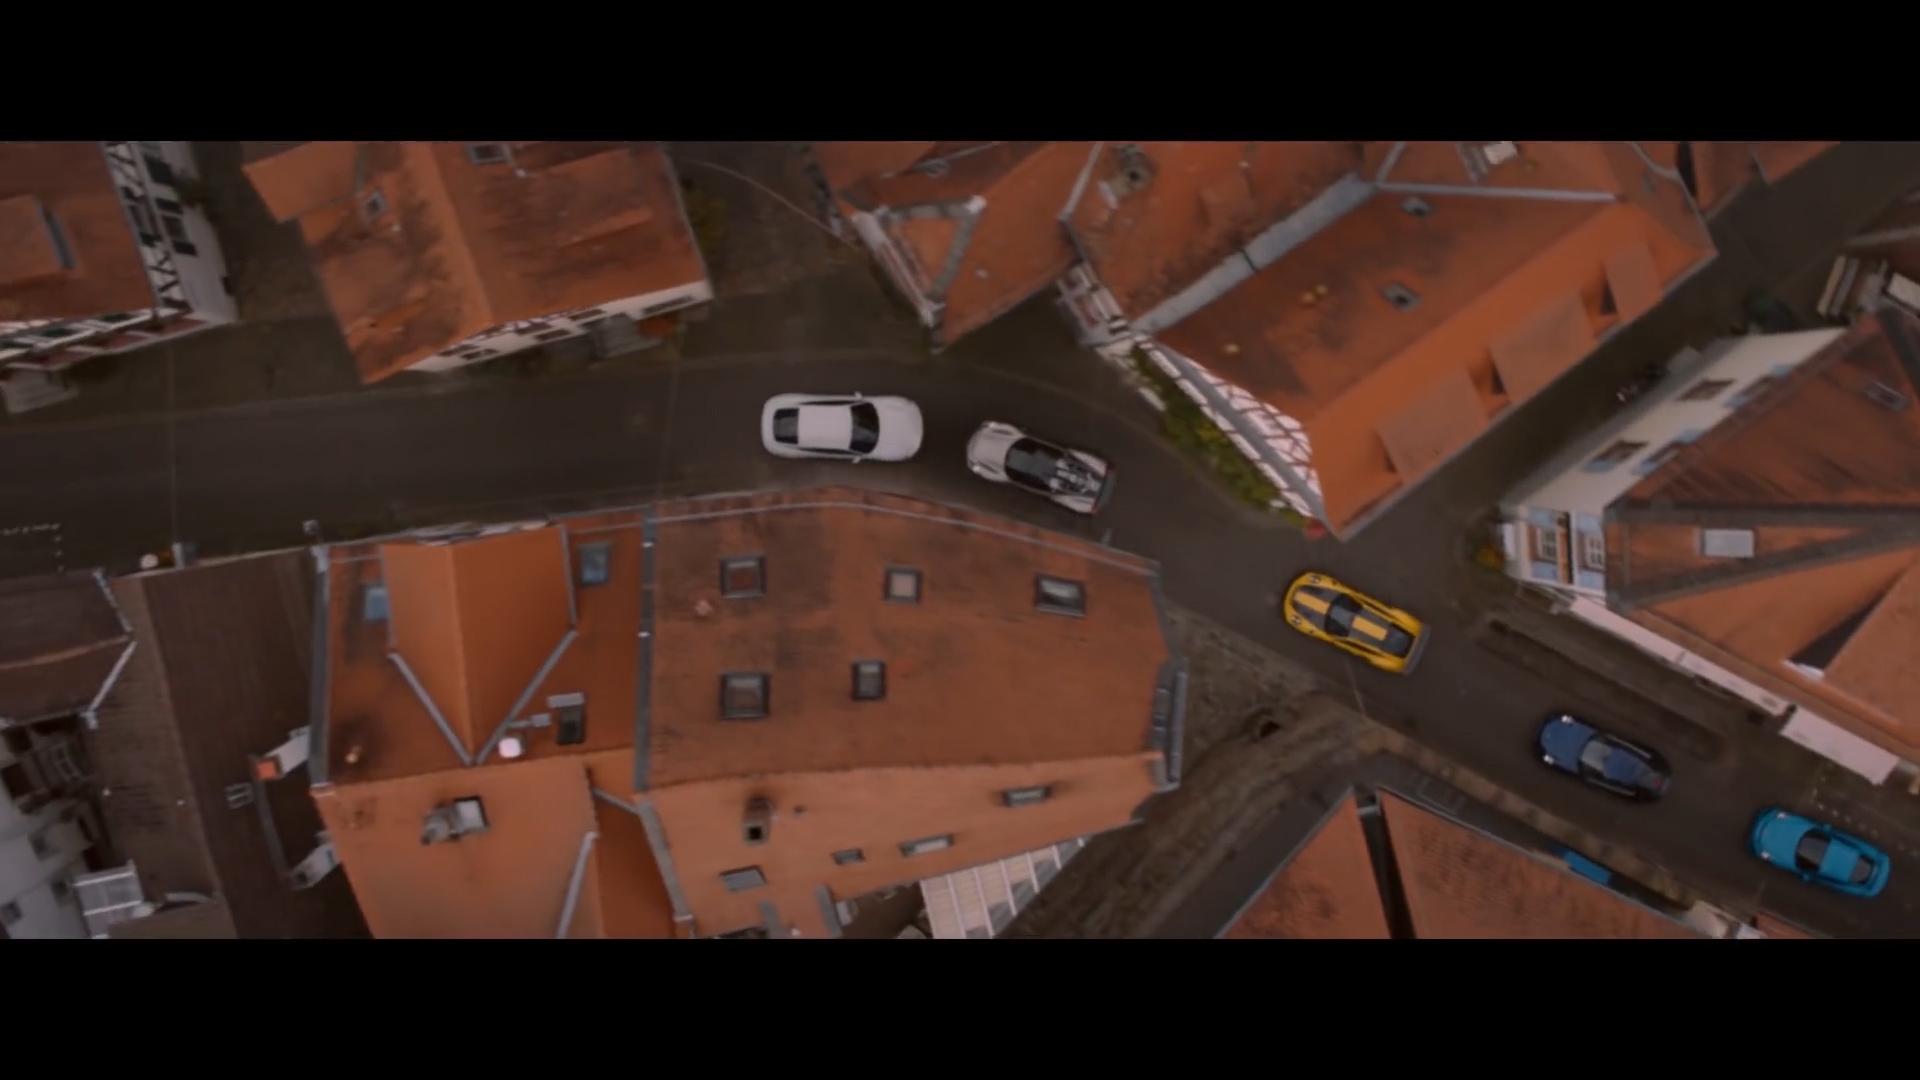 Porsche  - The Heist